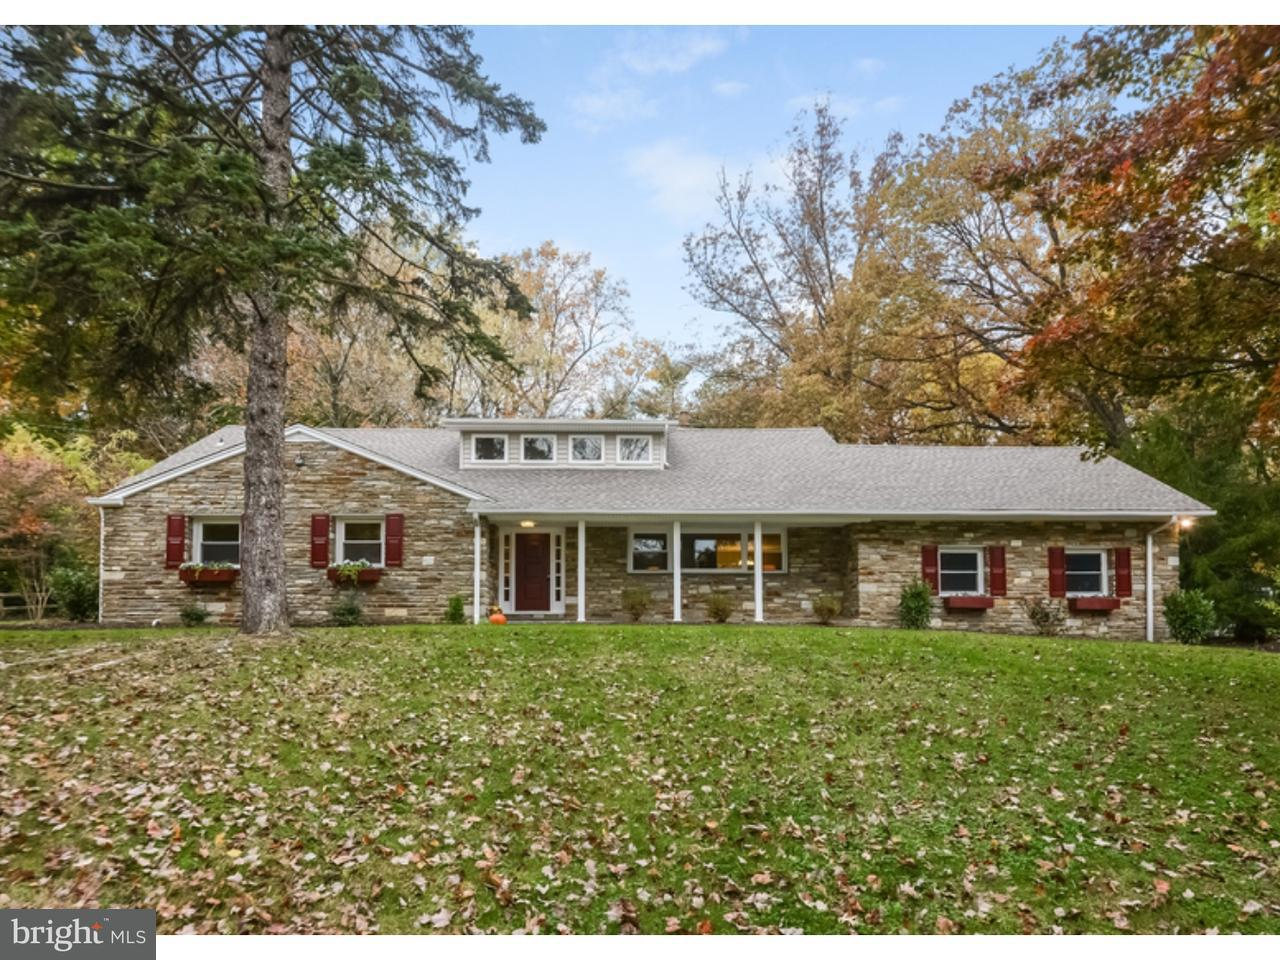 Частный односемейный дом для того Продажа на 1682 GRAHAM Road Meadowbrook, Пенсильвания 19046 Соединенные Штаты